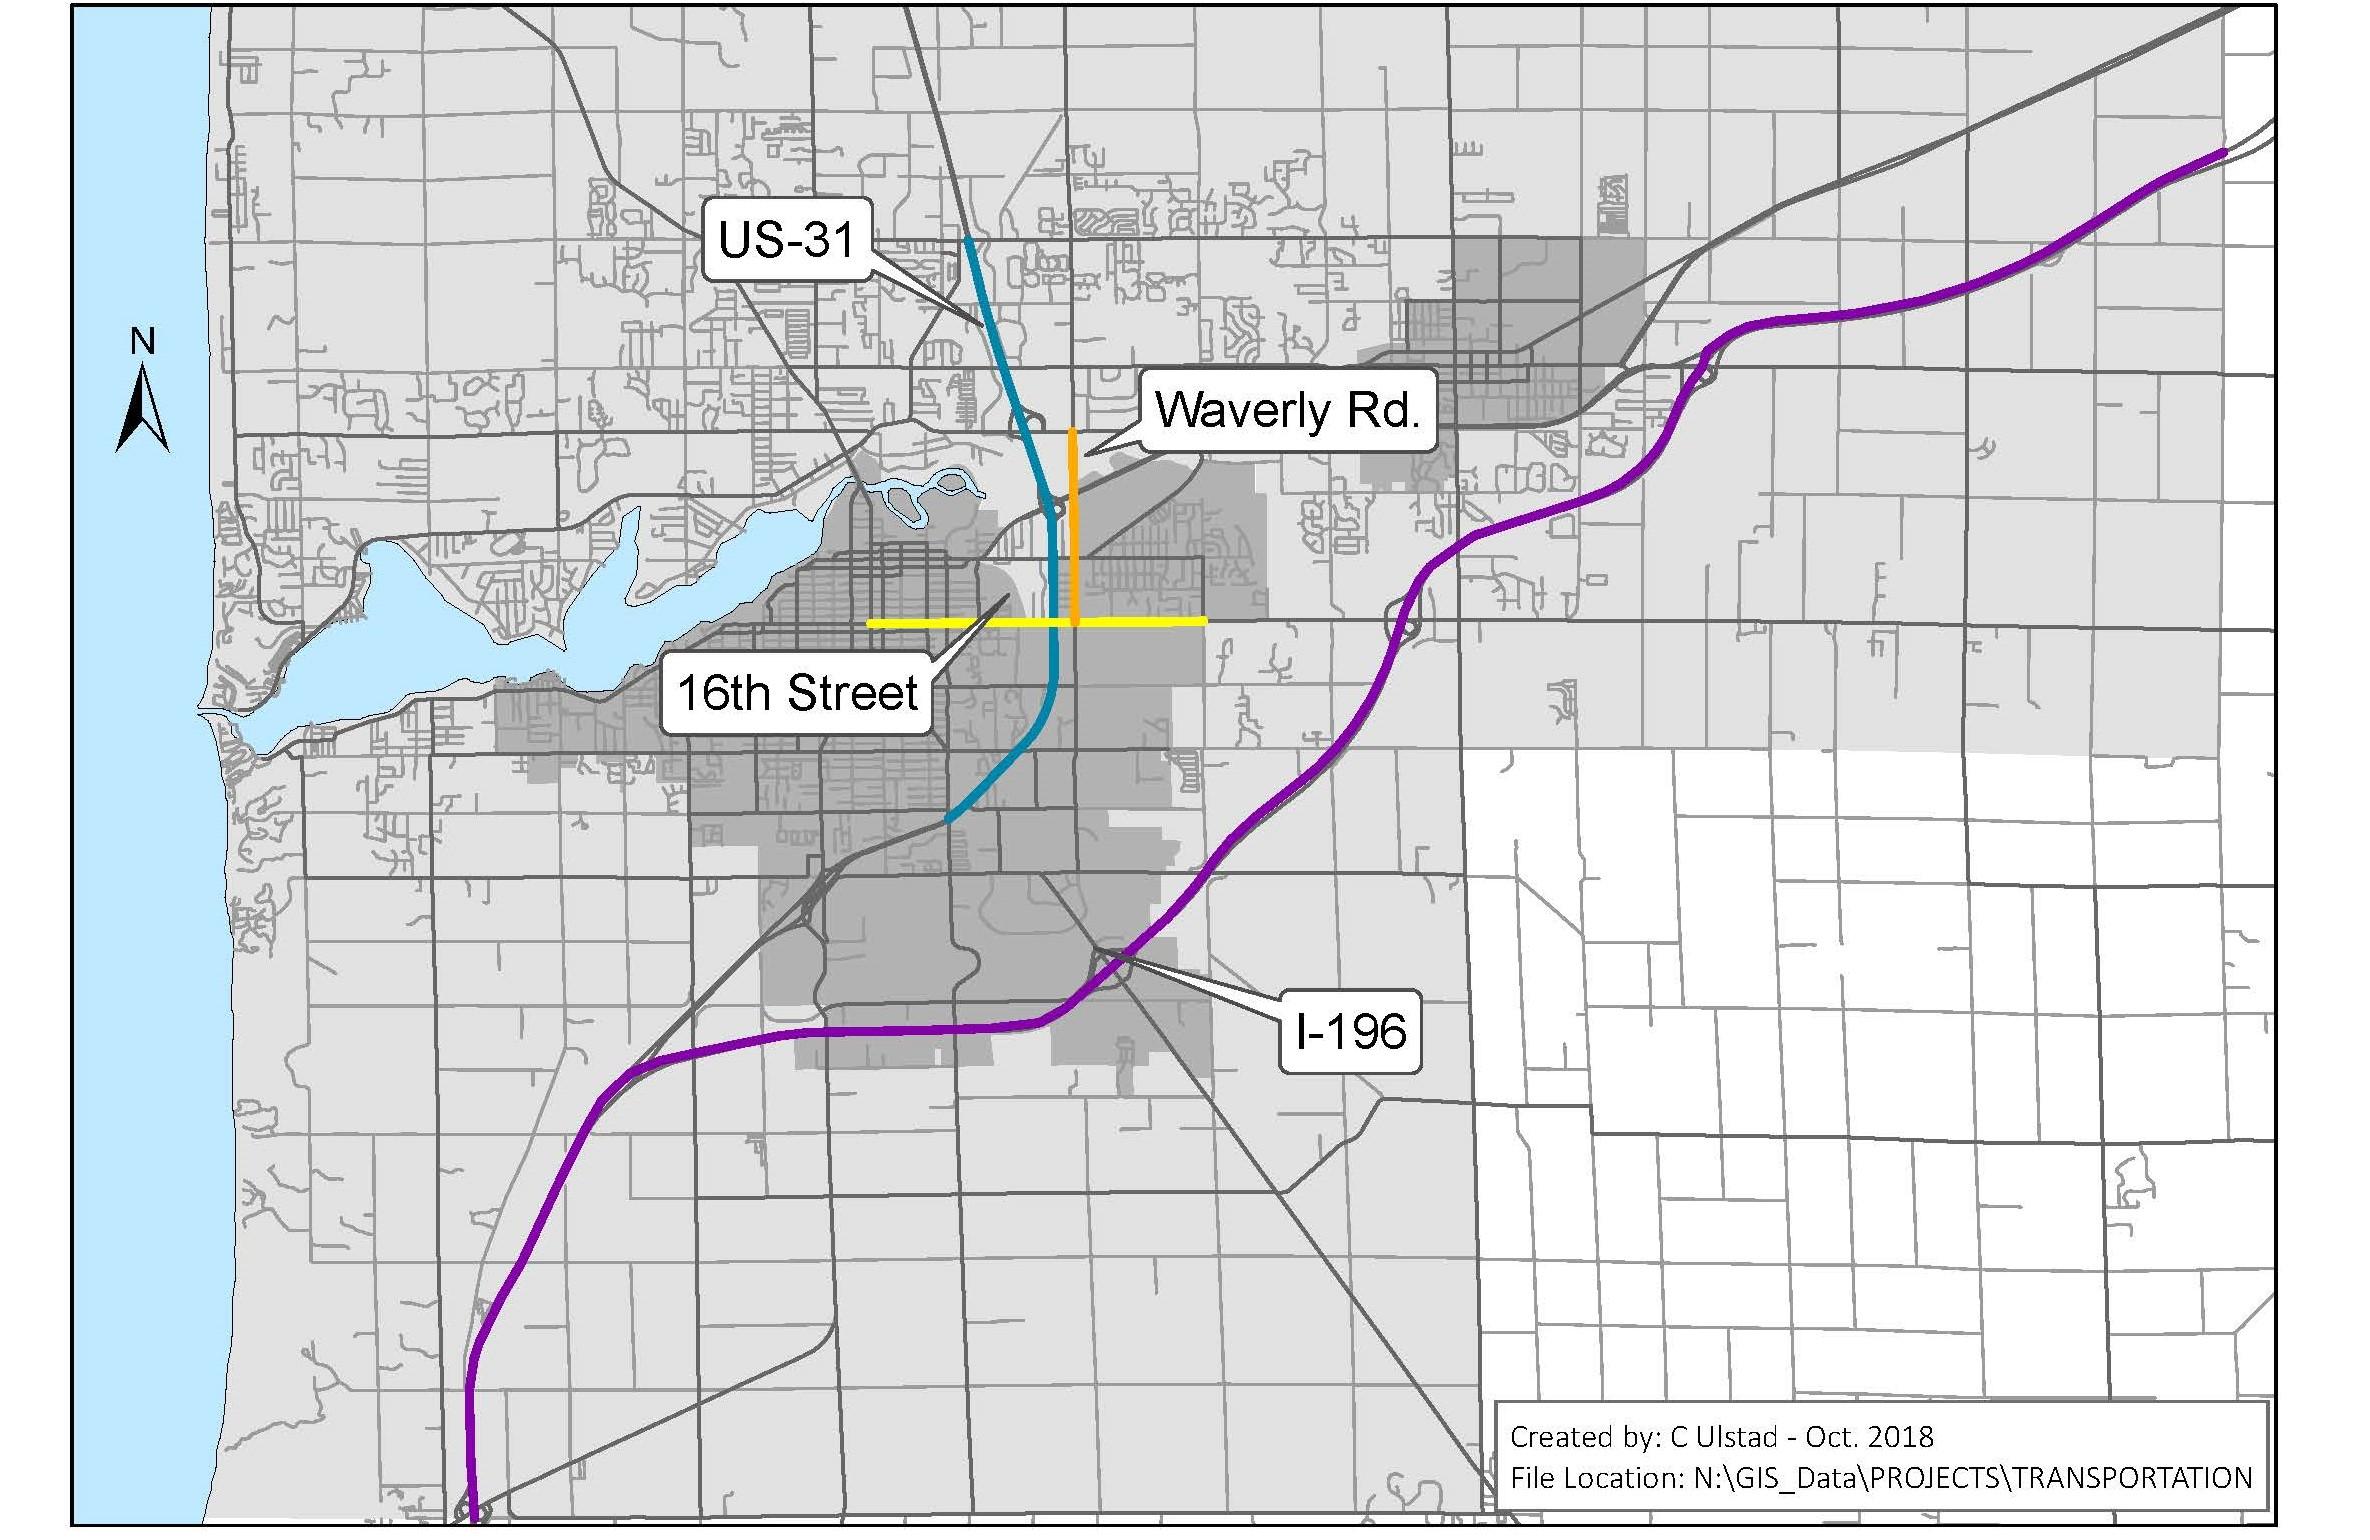 Áreas de preocupación: para los cuatro segmentos de carreteras que se enumeran a continuación, por favor deje sus comentarios si tiene alguna inquietud con respecto al tiempo de viaje, la seguridad, la calidad del pavimento, etc.